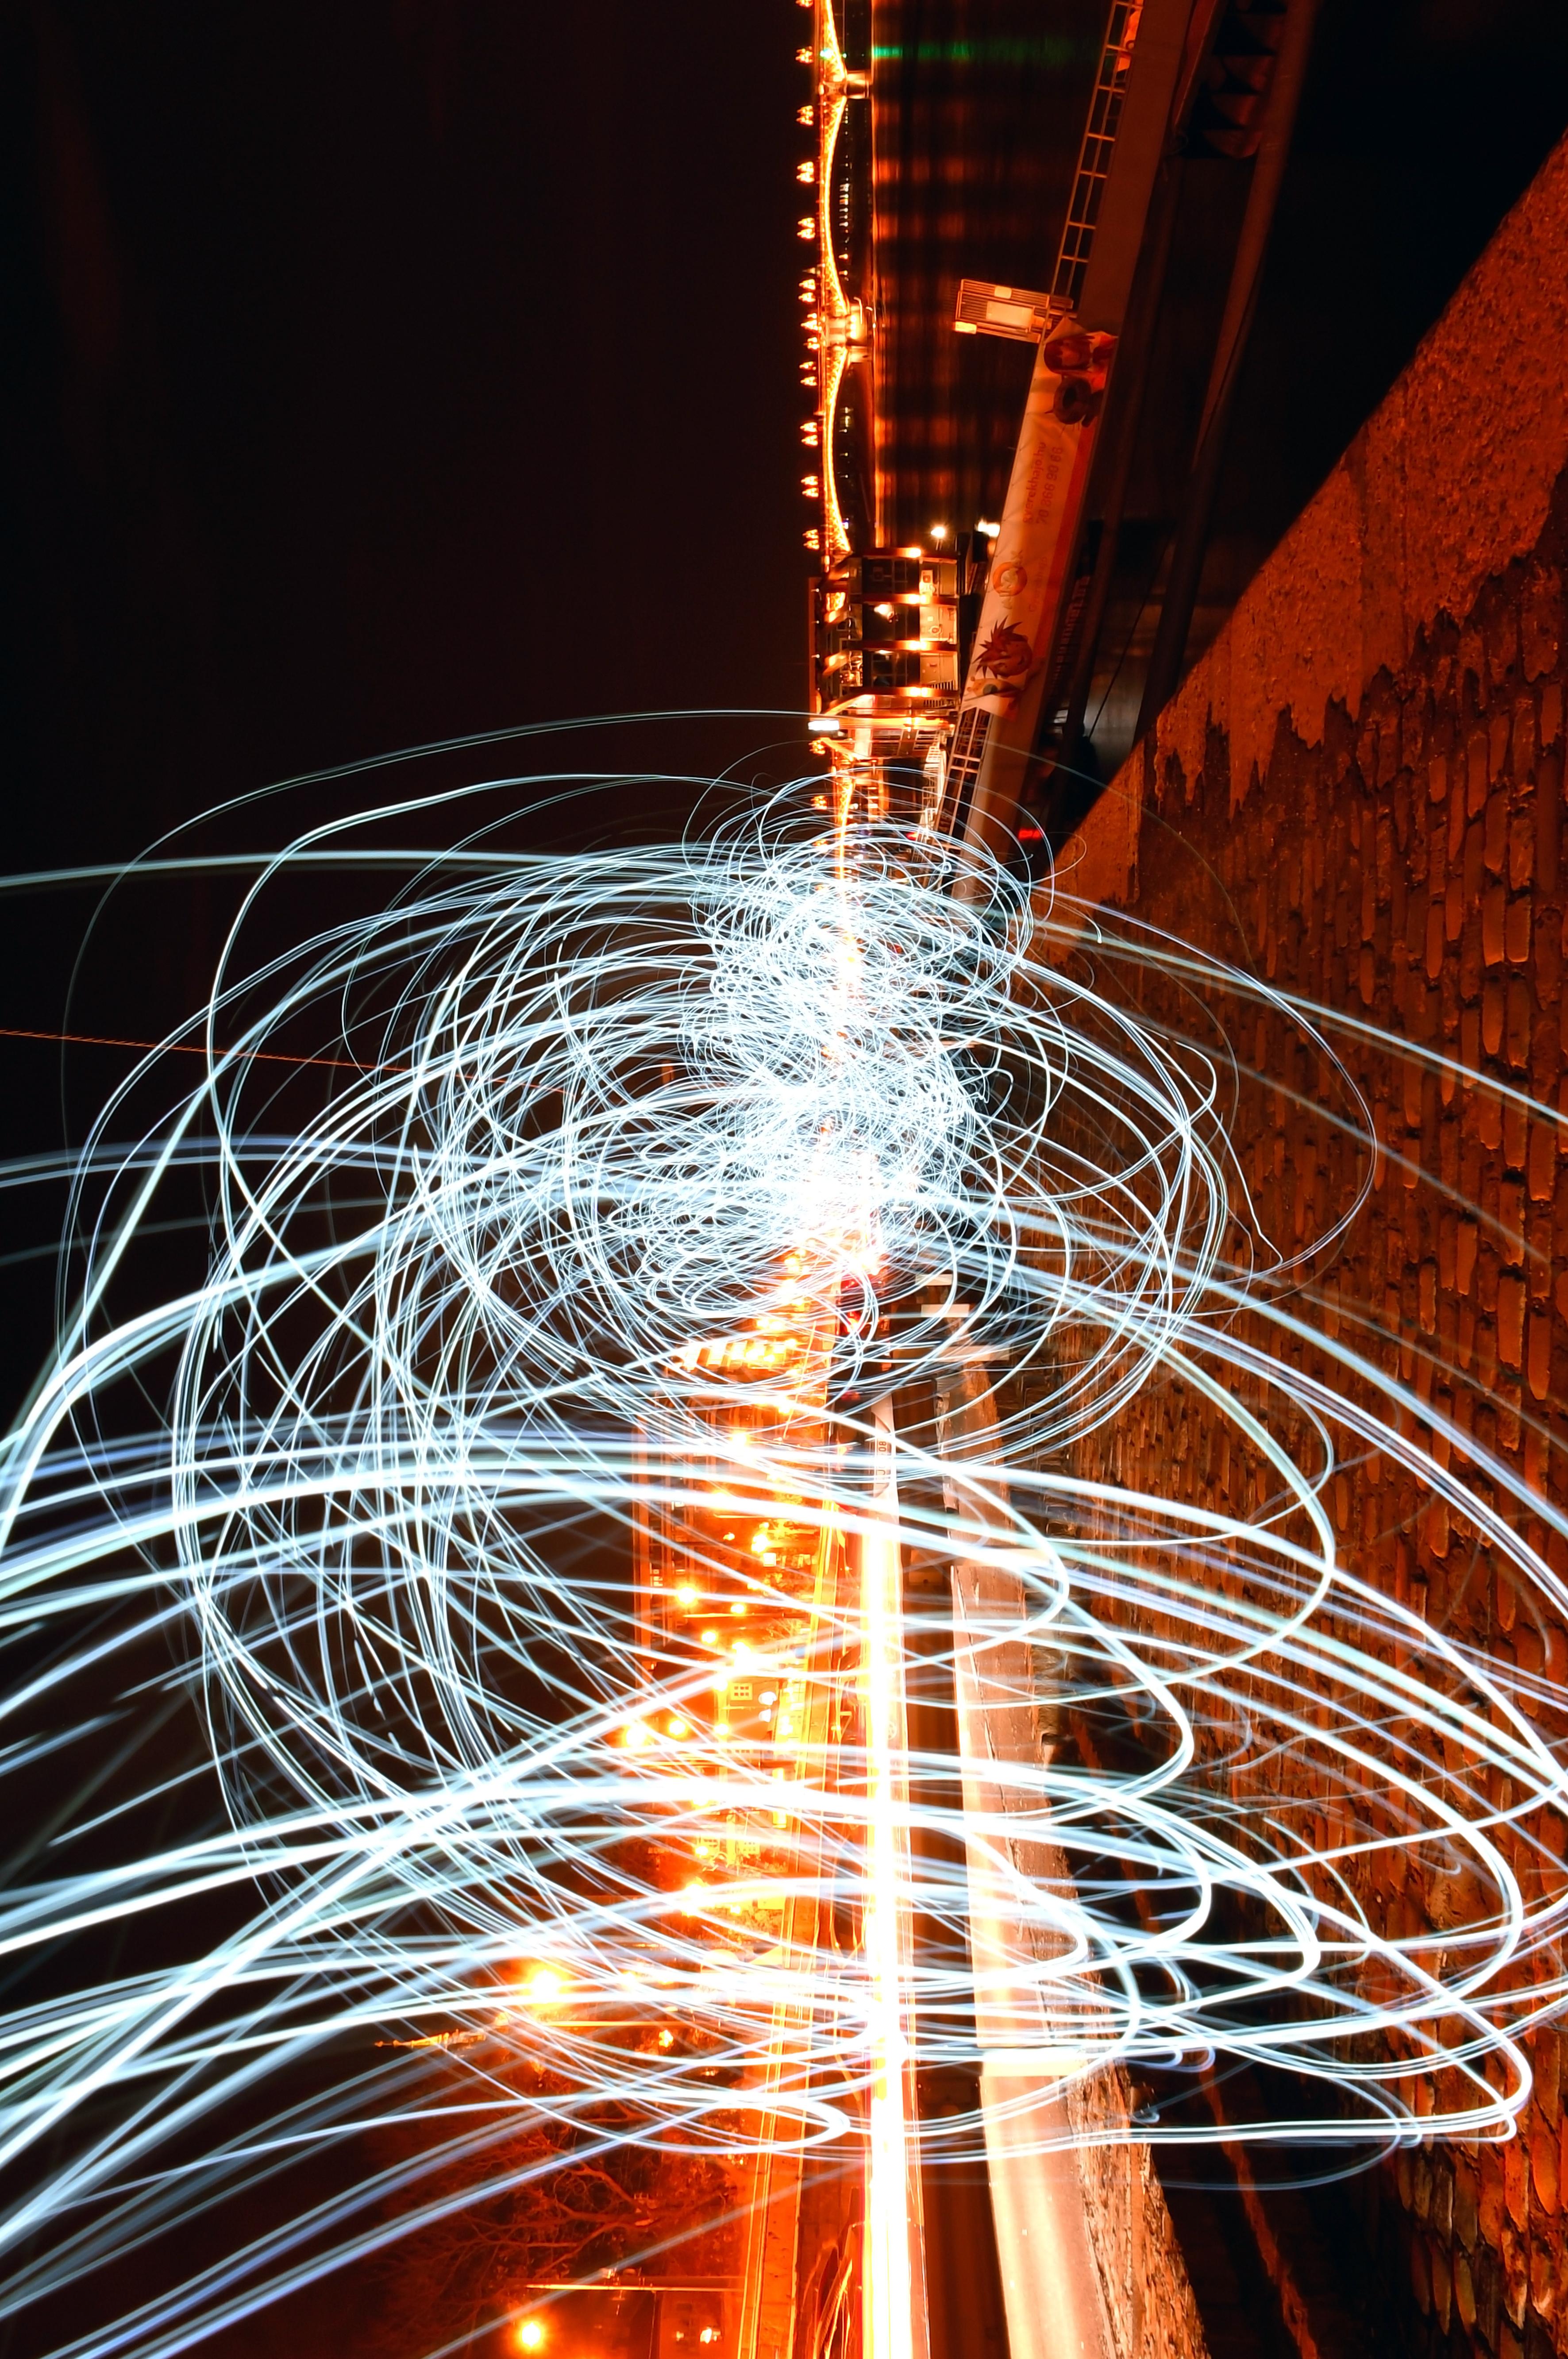 61 Gambar Abstrak Jalan Raya HD